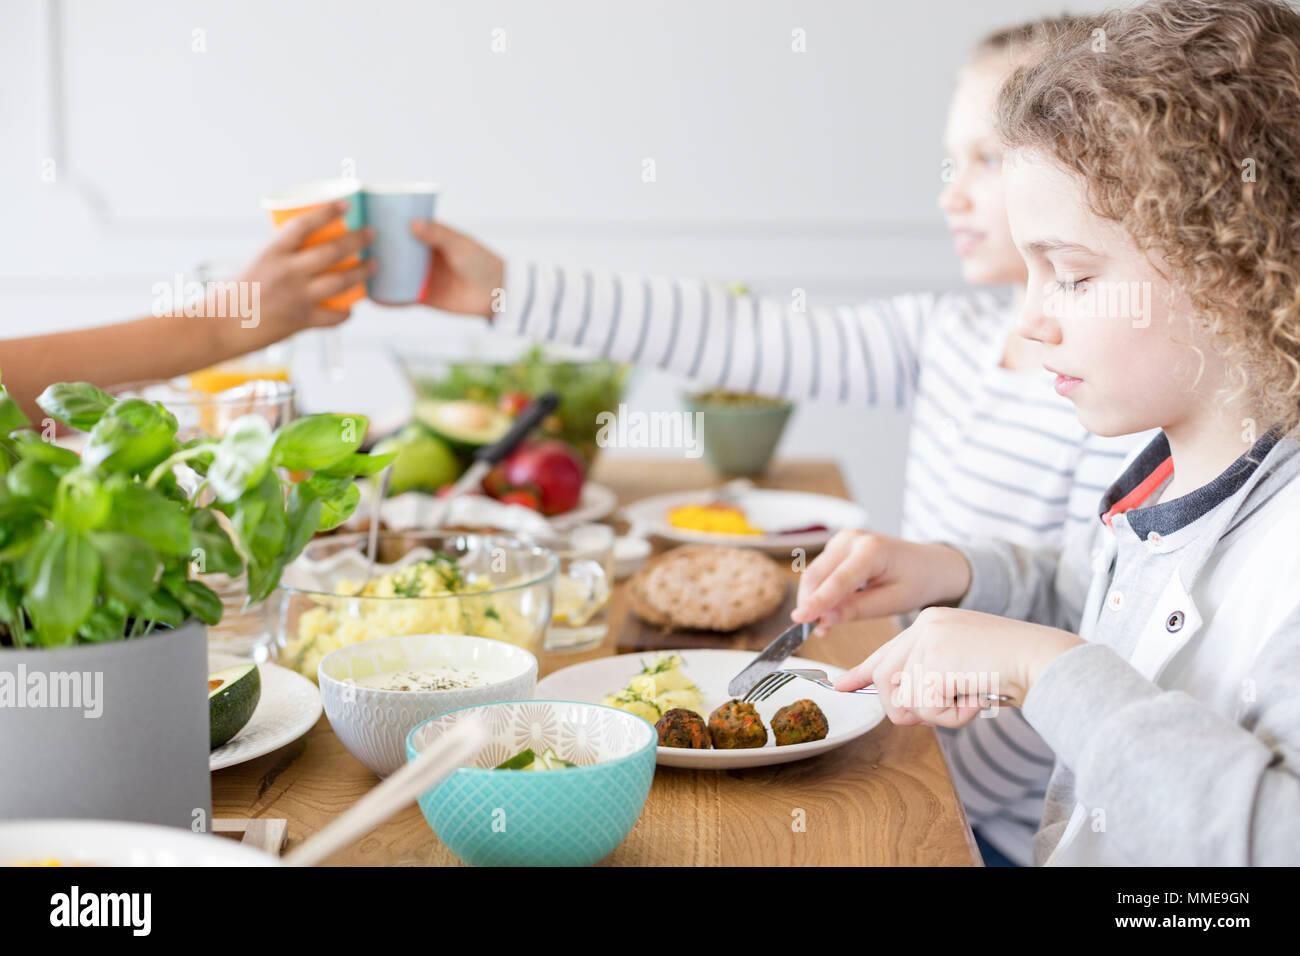 Junge Falafel essen während der Geburtstagsfeier zu Hause. Gesunde Ernährung für Kinder Stockbild